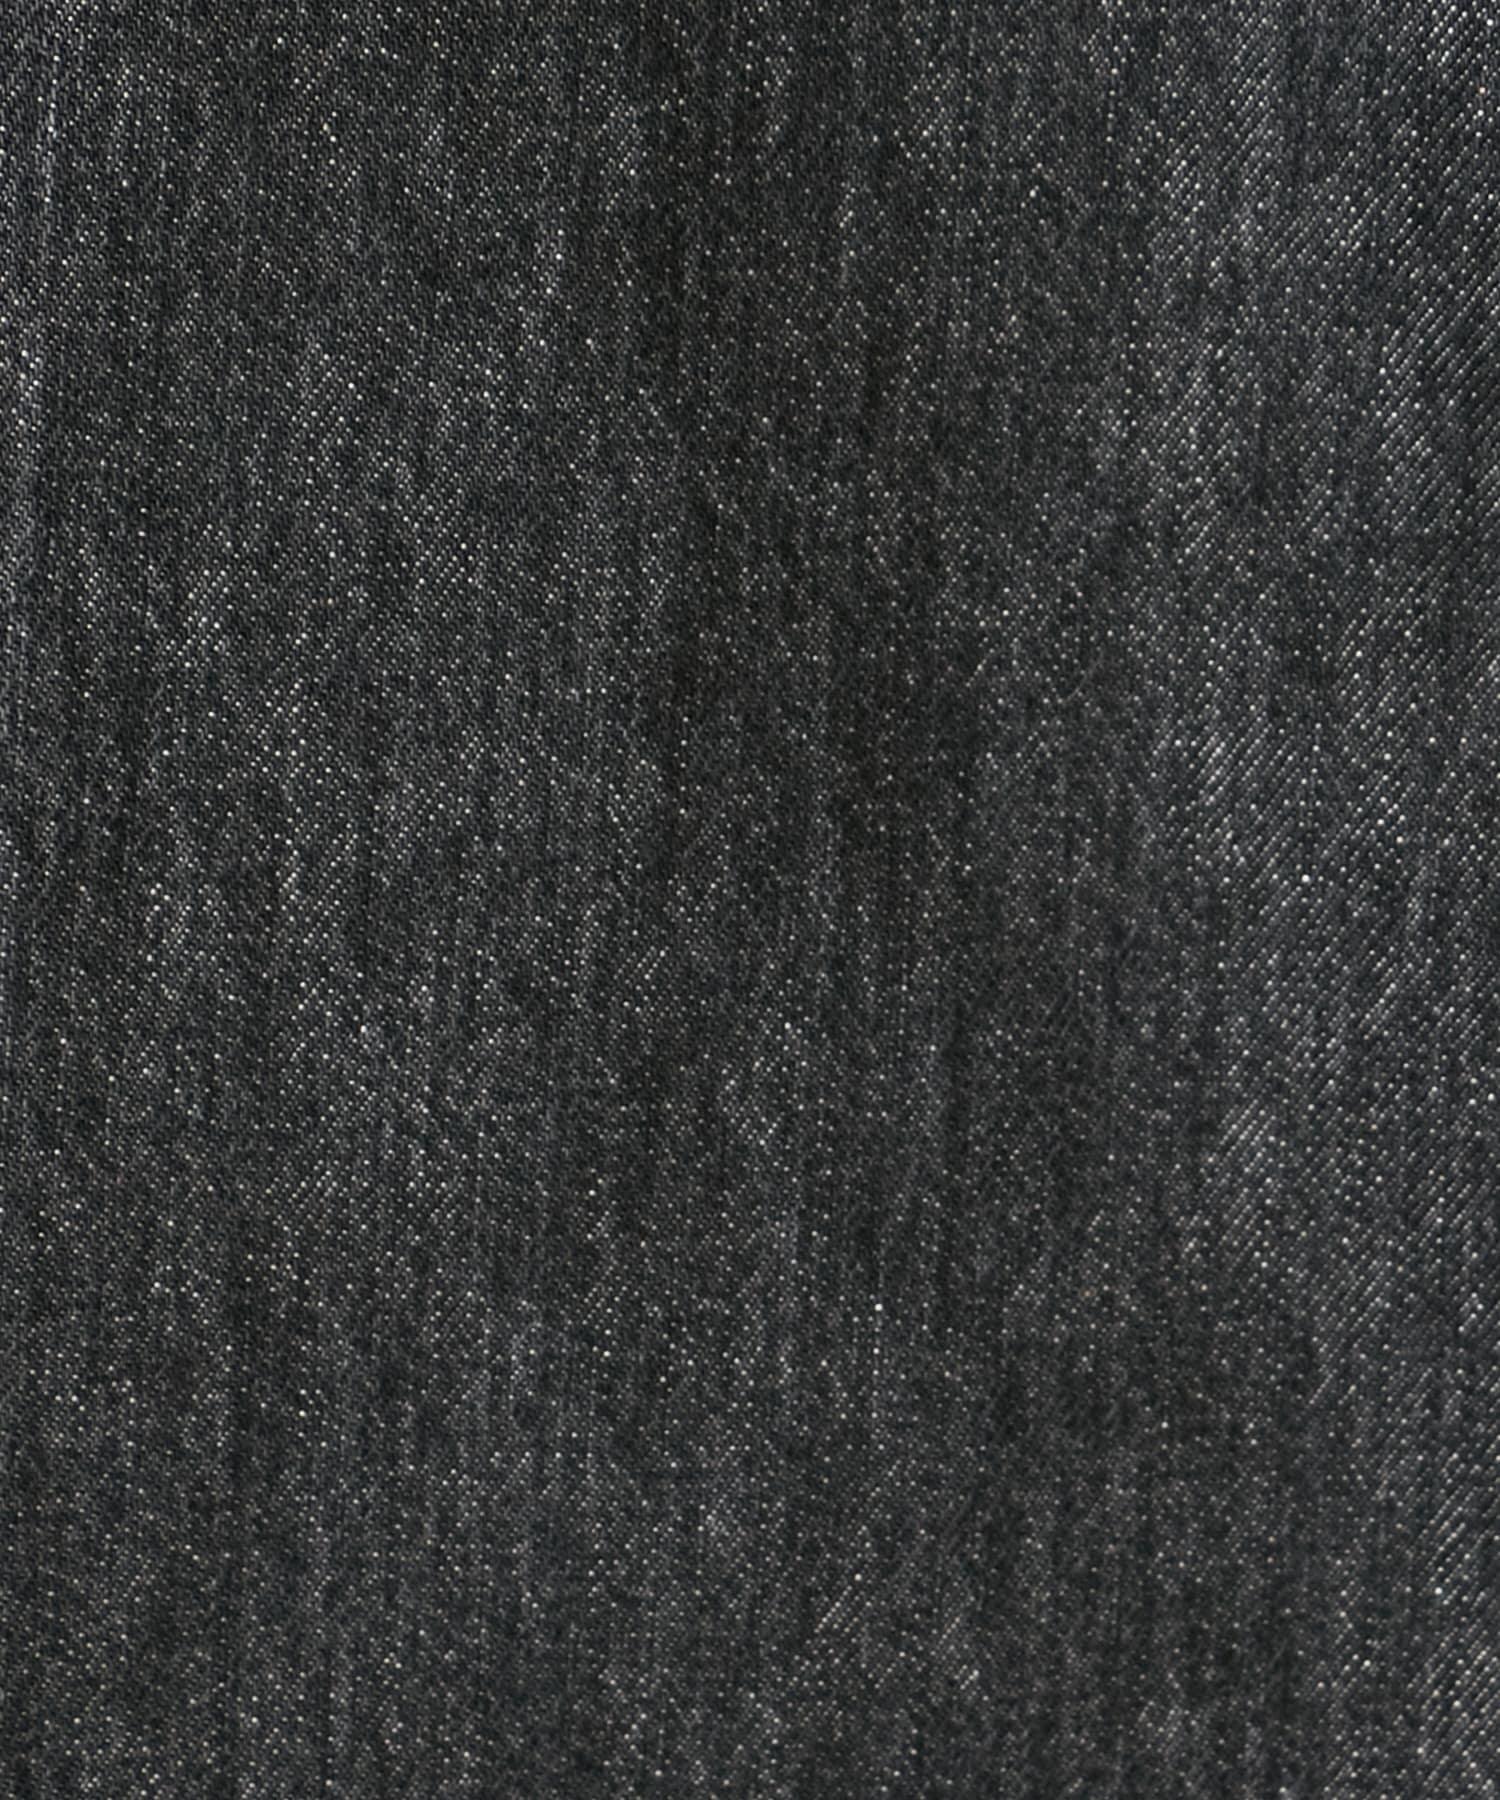 CIAOPANIC(チャオパニック) 【SAKULA/サクラ】505型 スリムシルエットデニムパンツ